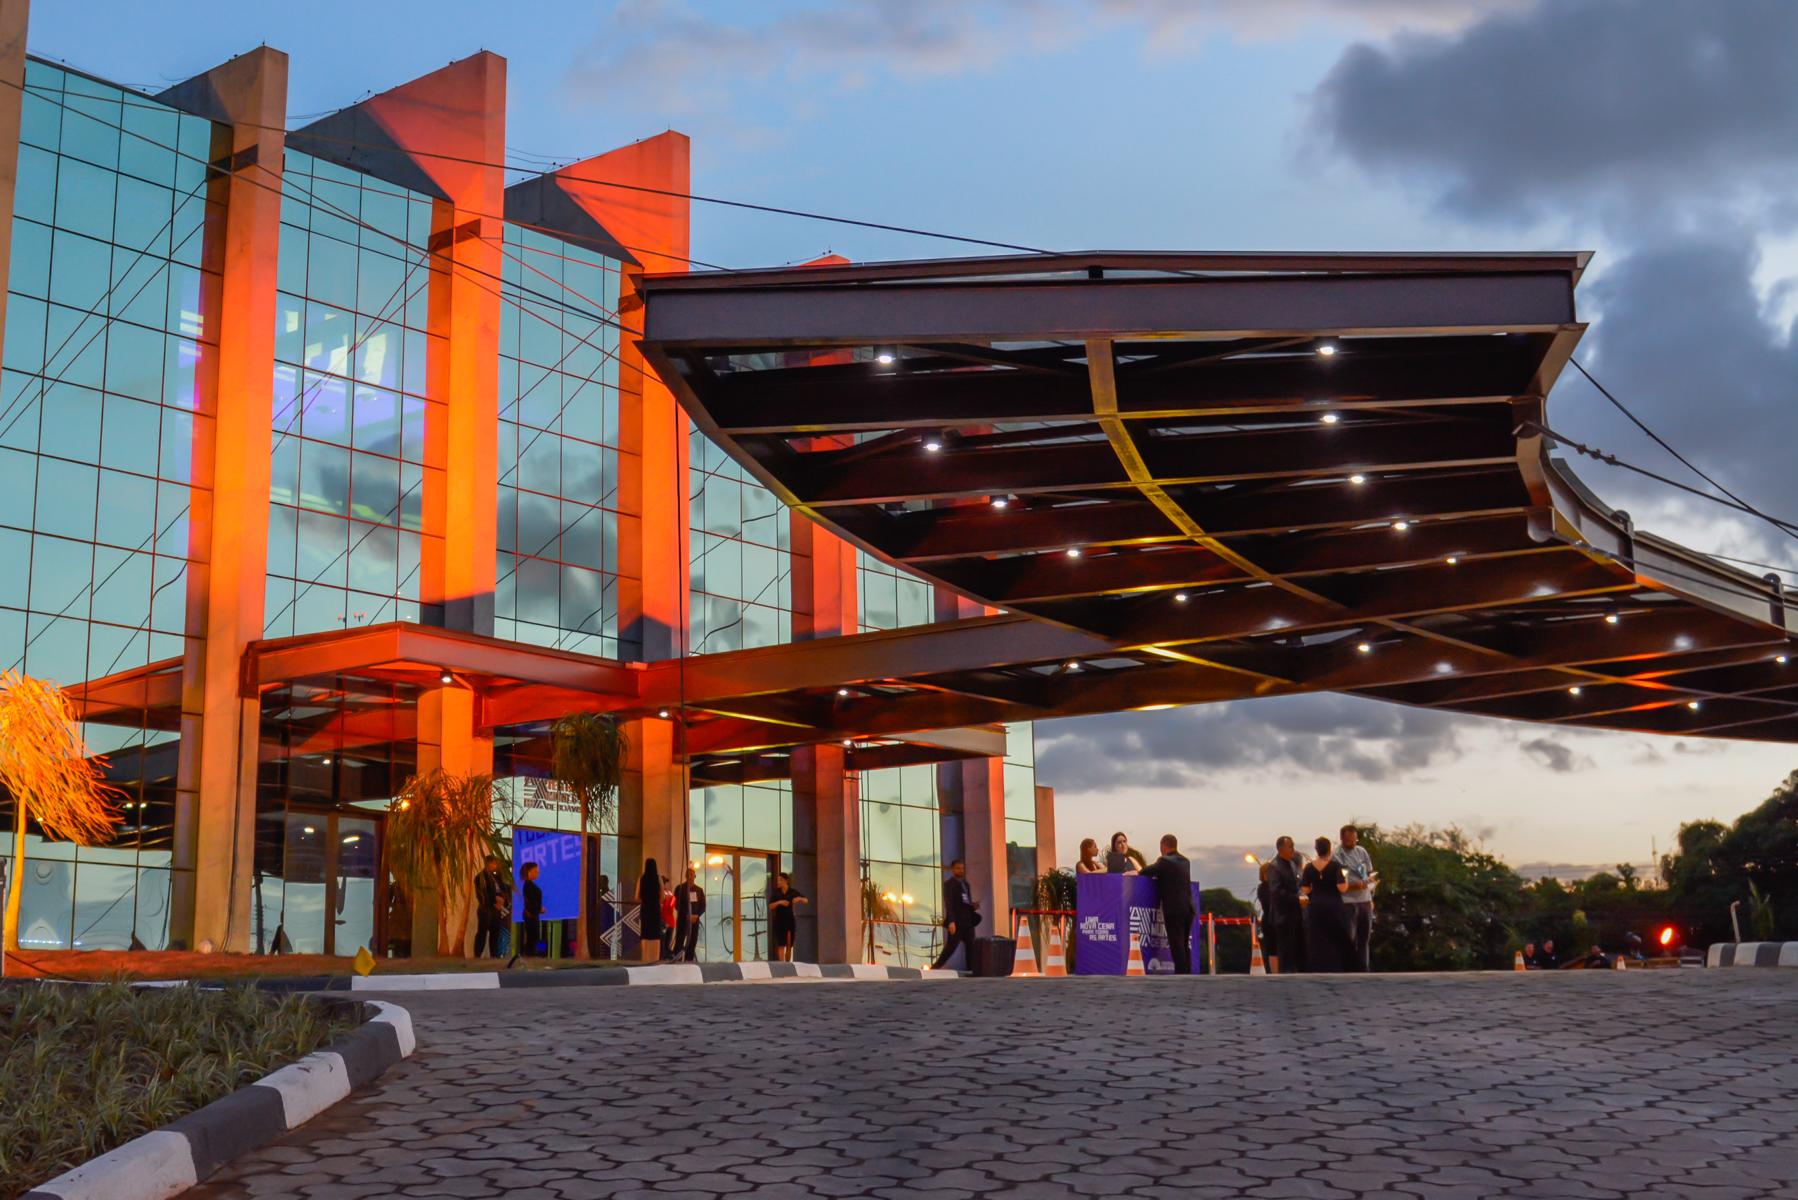 Teatro Municipal De Boa Vista é O Primeiro Do Brasil Com Energia Solar